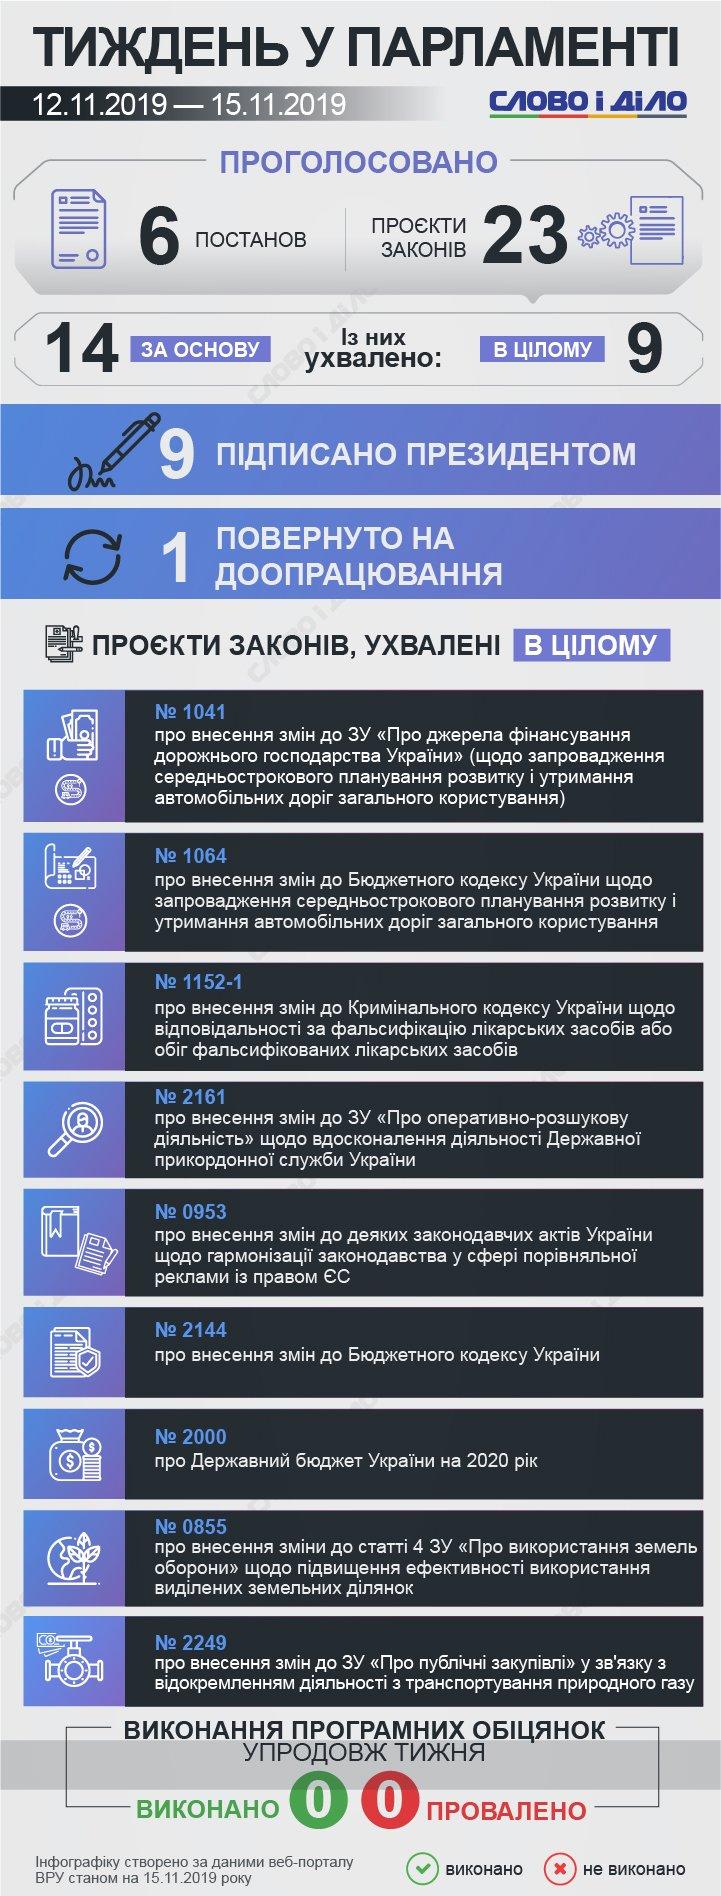 Верховна рада протягом тижня ухвалила шість постанов та 23 законопроекти, з них 9 - у цілому.